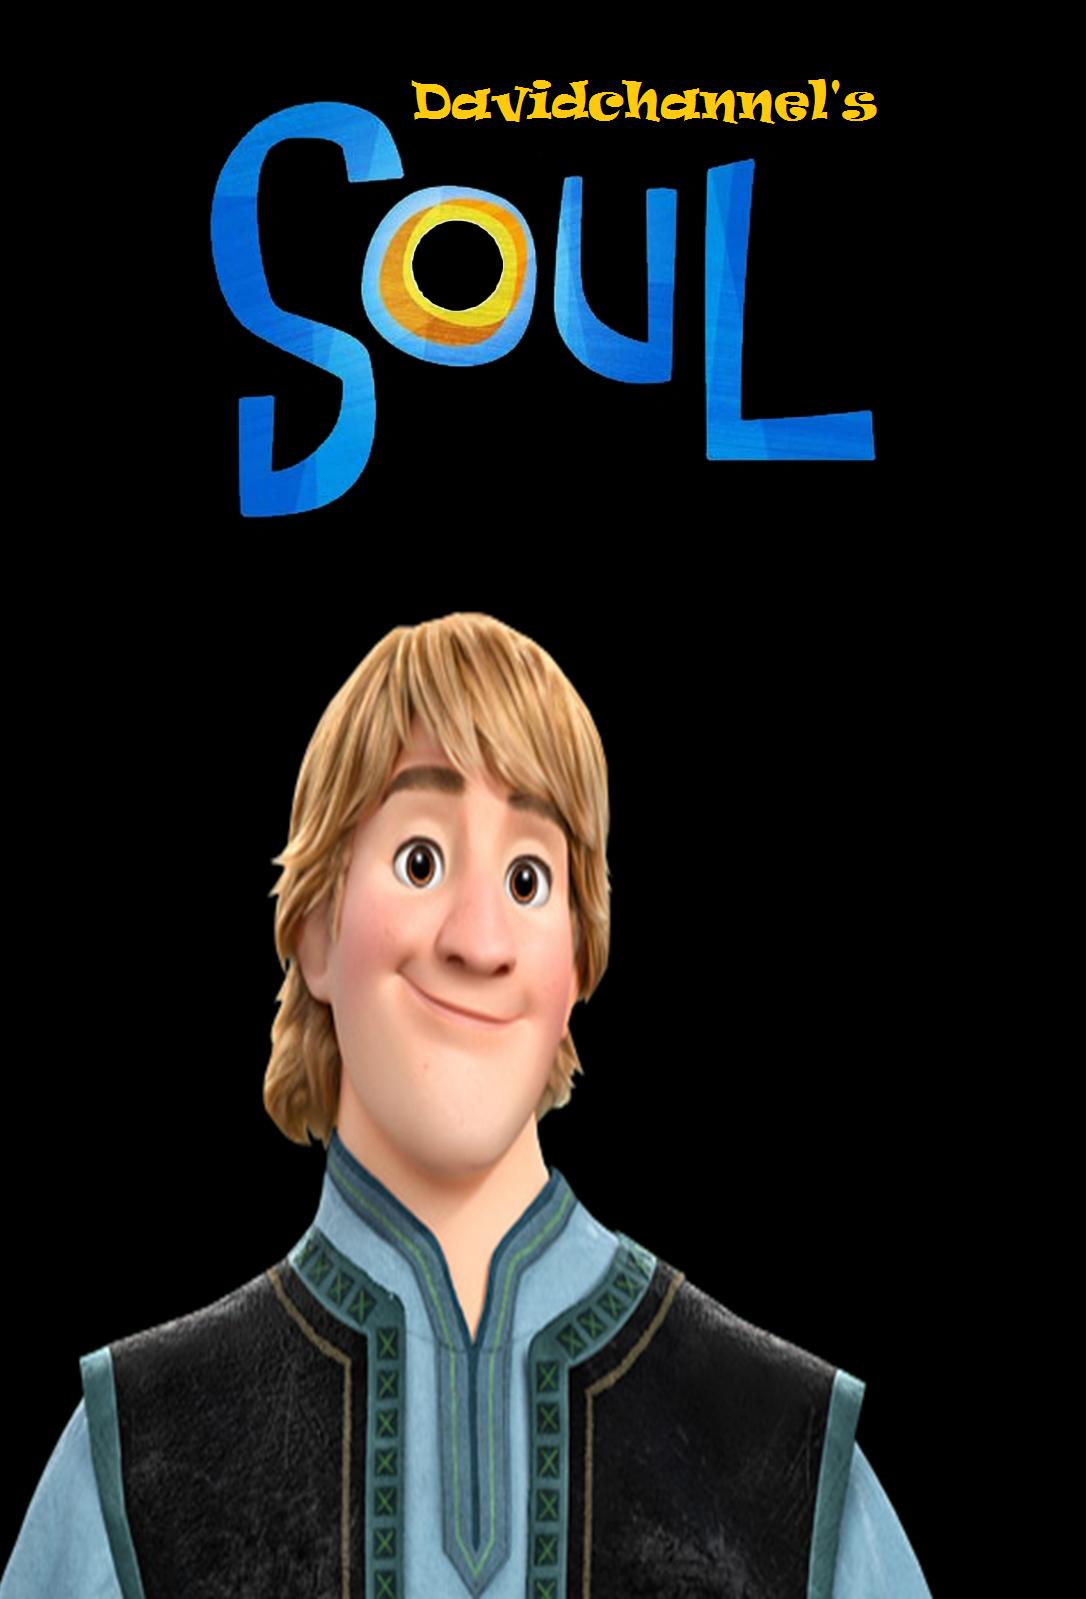 Soul (Davidchannel's Version)